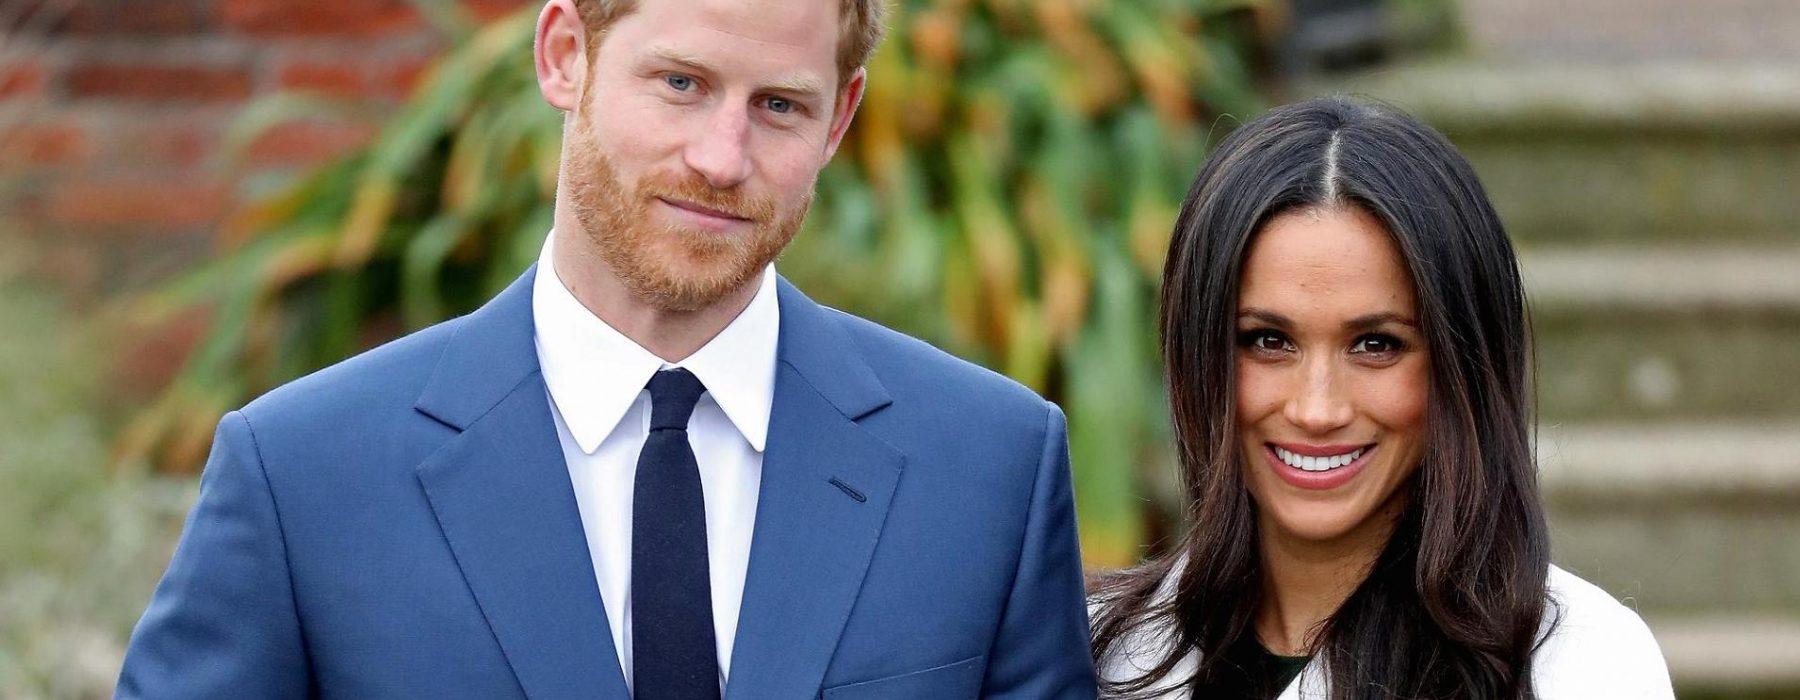 SVE što (ni)ste željeli da znate o kraljevskom vjenčanju na jednom mjestu